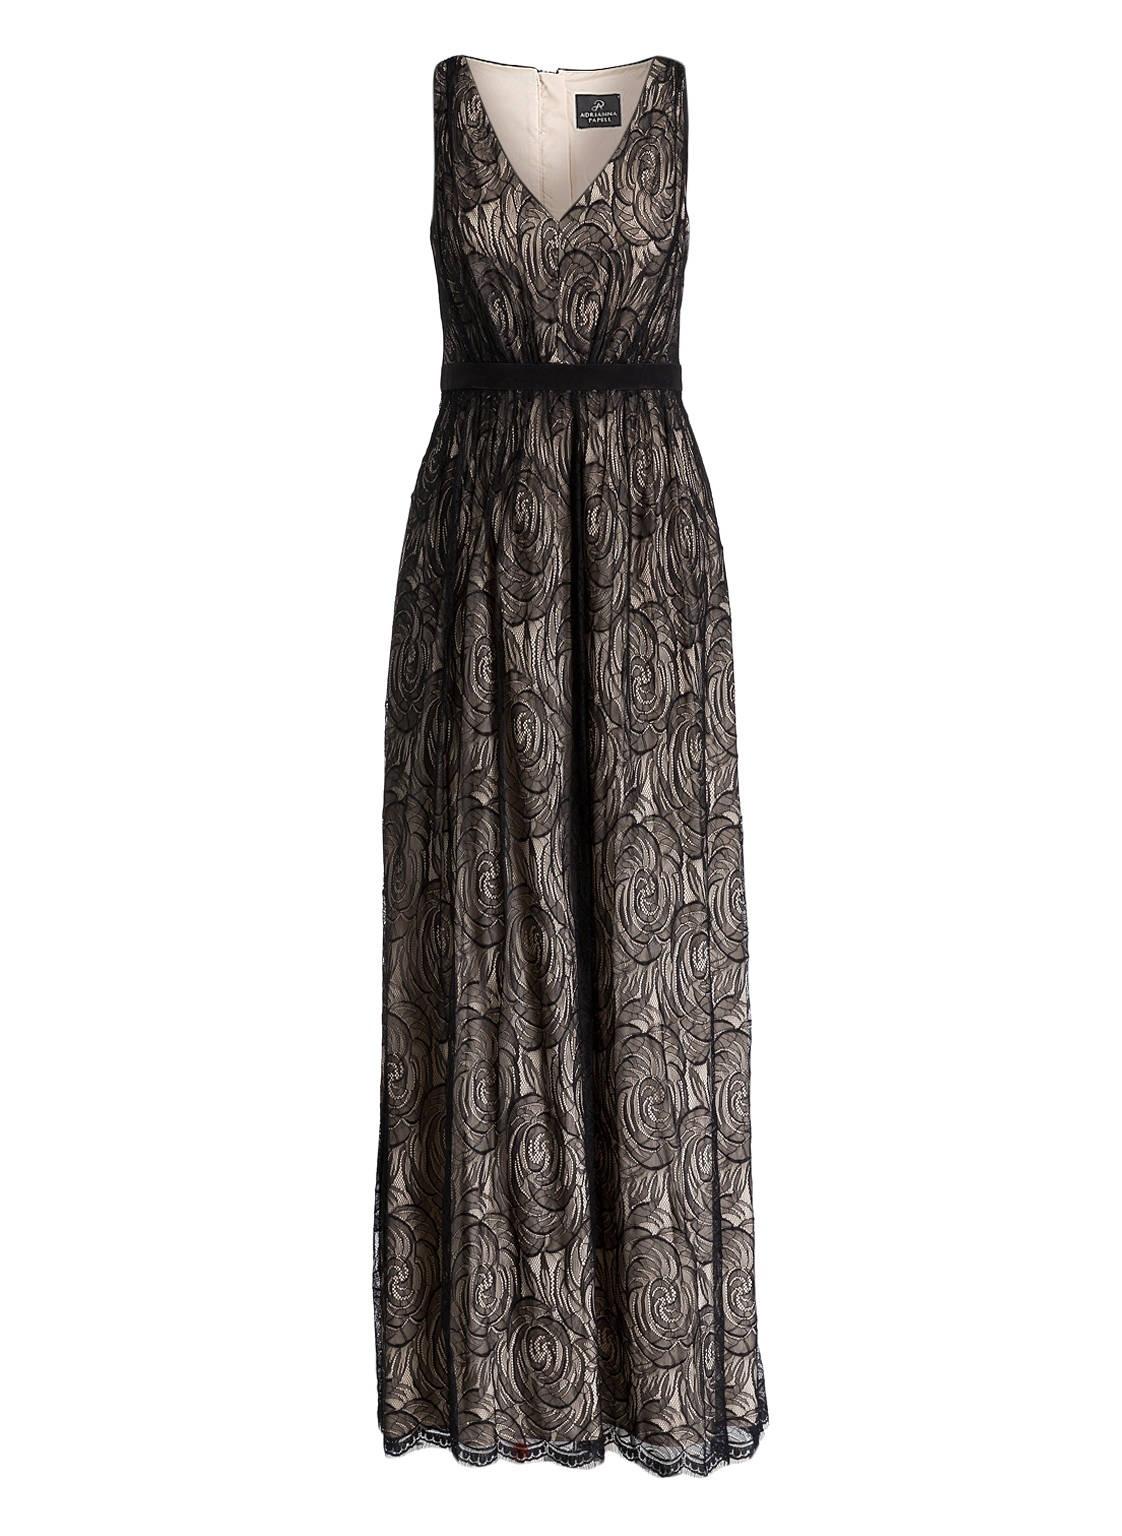 17 Fantastisch Damen Kleider Kaufen Ärmel15 Großartig Damen Kleider Kaufen Stylish